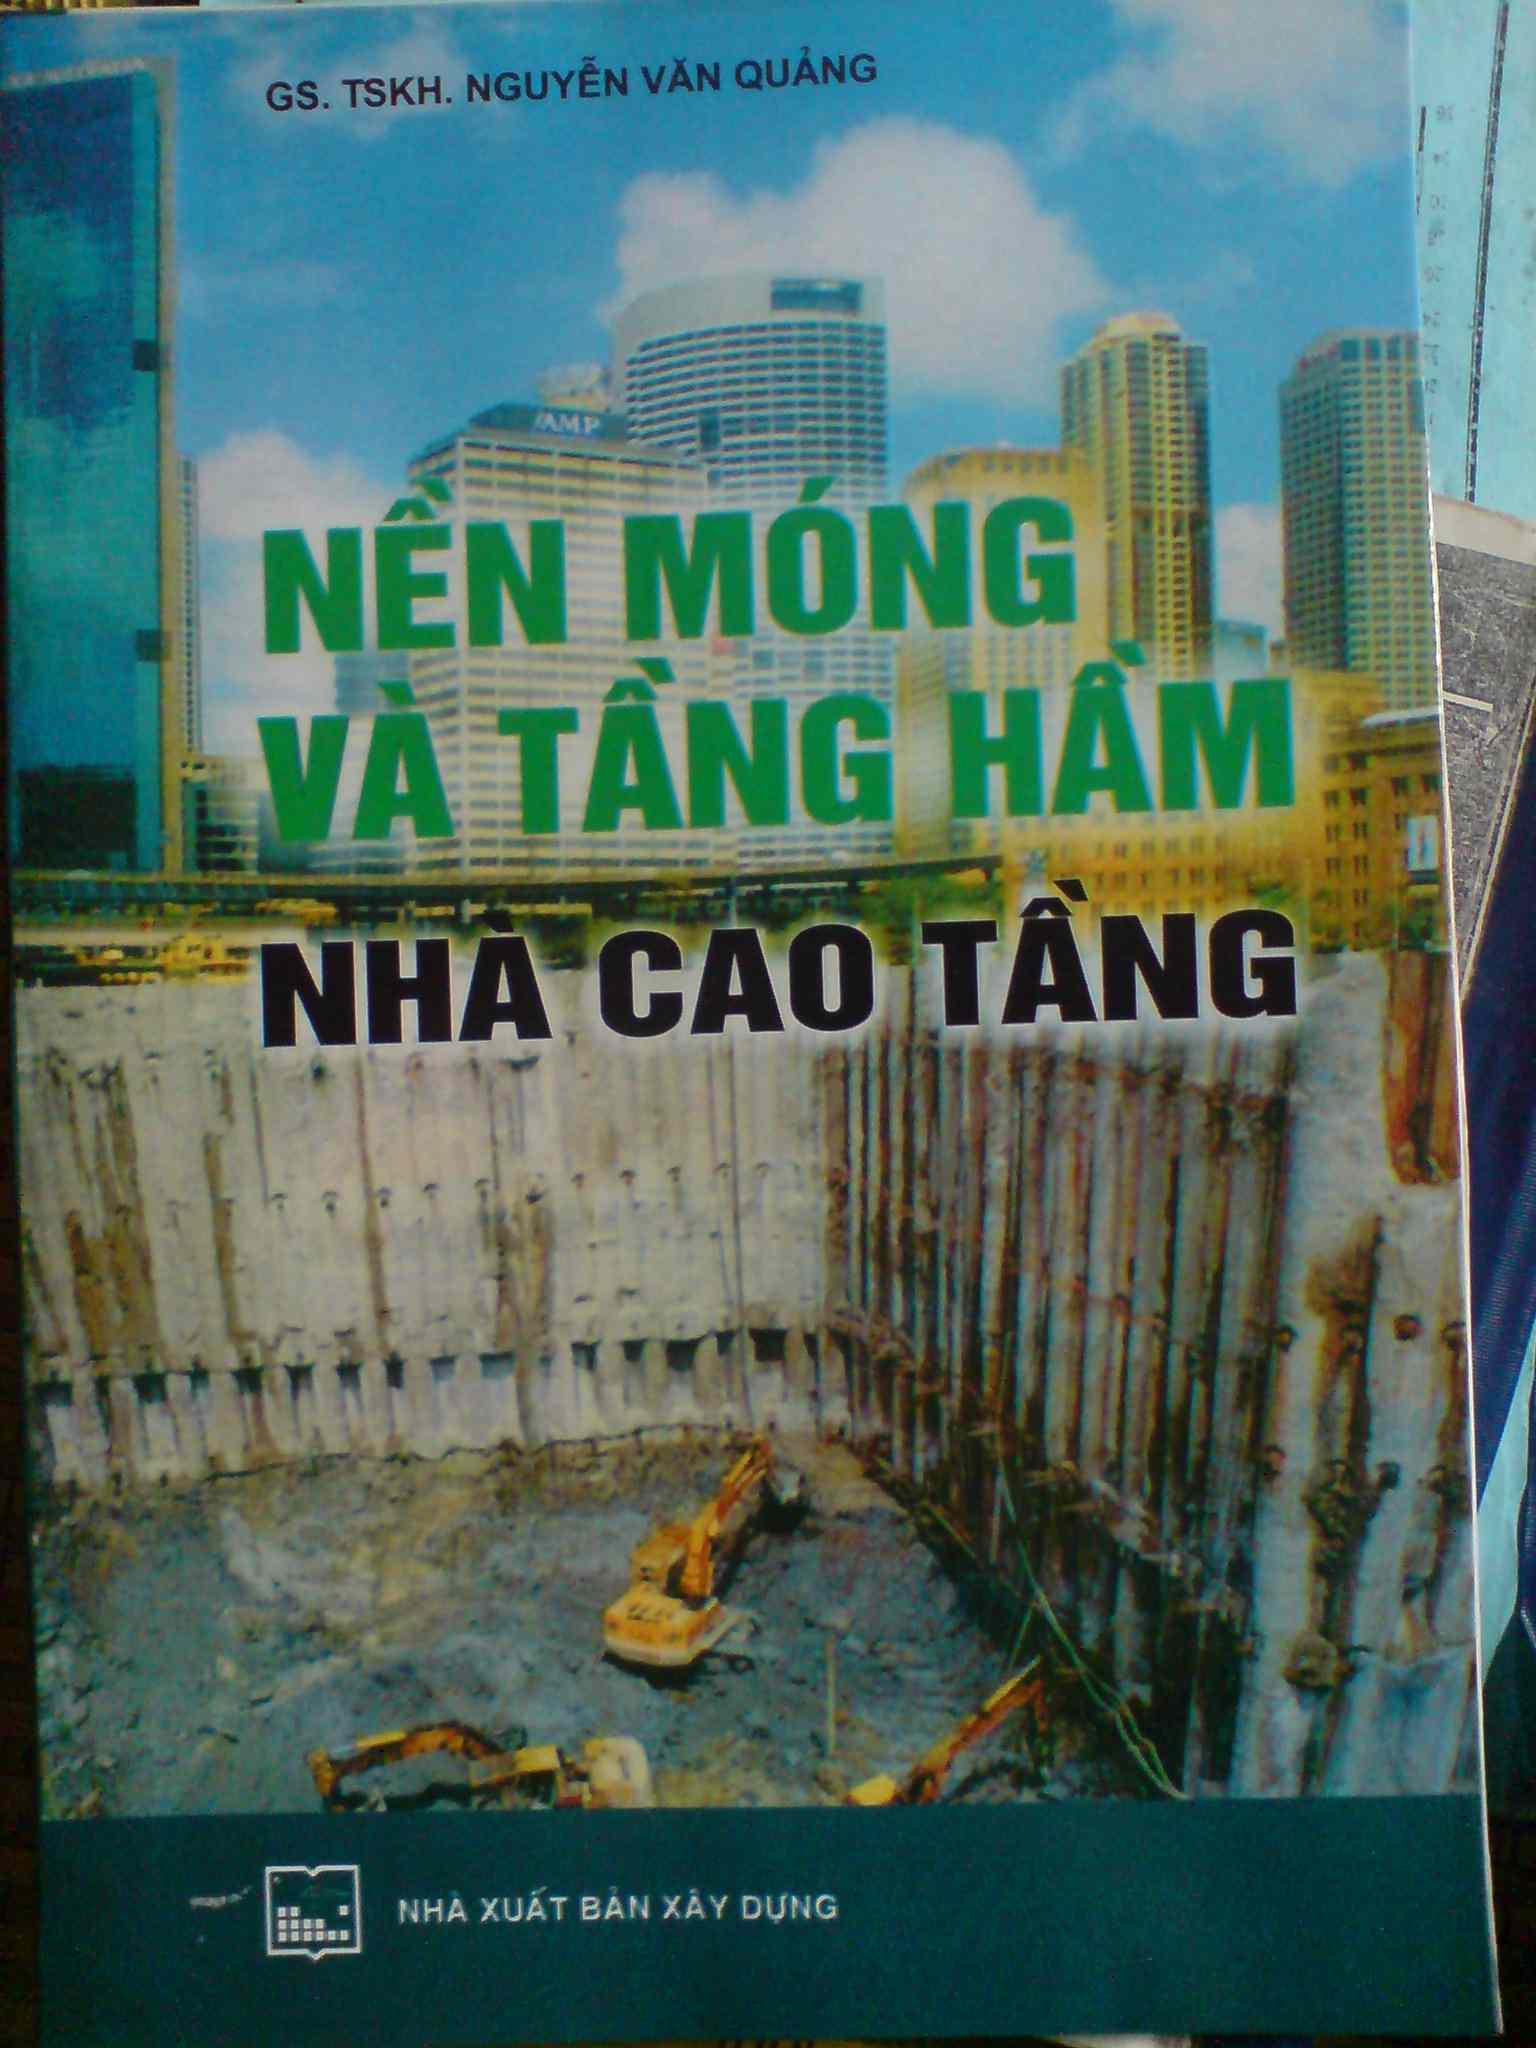 Nền móng và tầng hầm nhà cao tầng - GS.TSKH. Nguyễn Văn Quảng